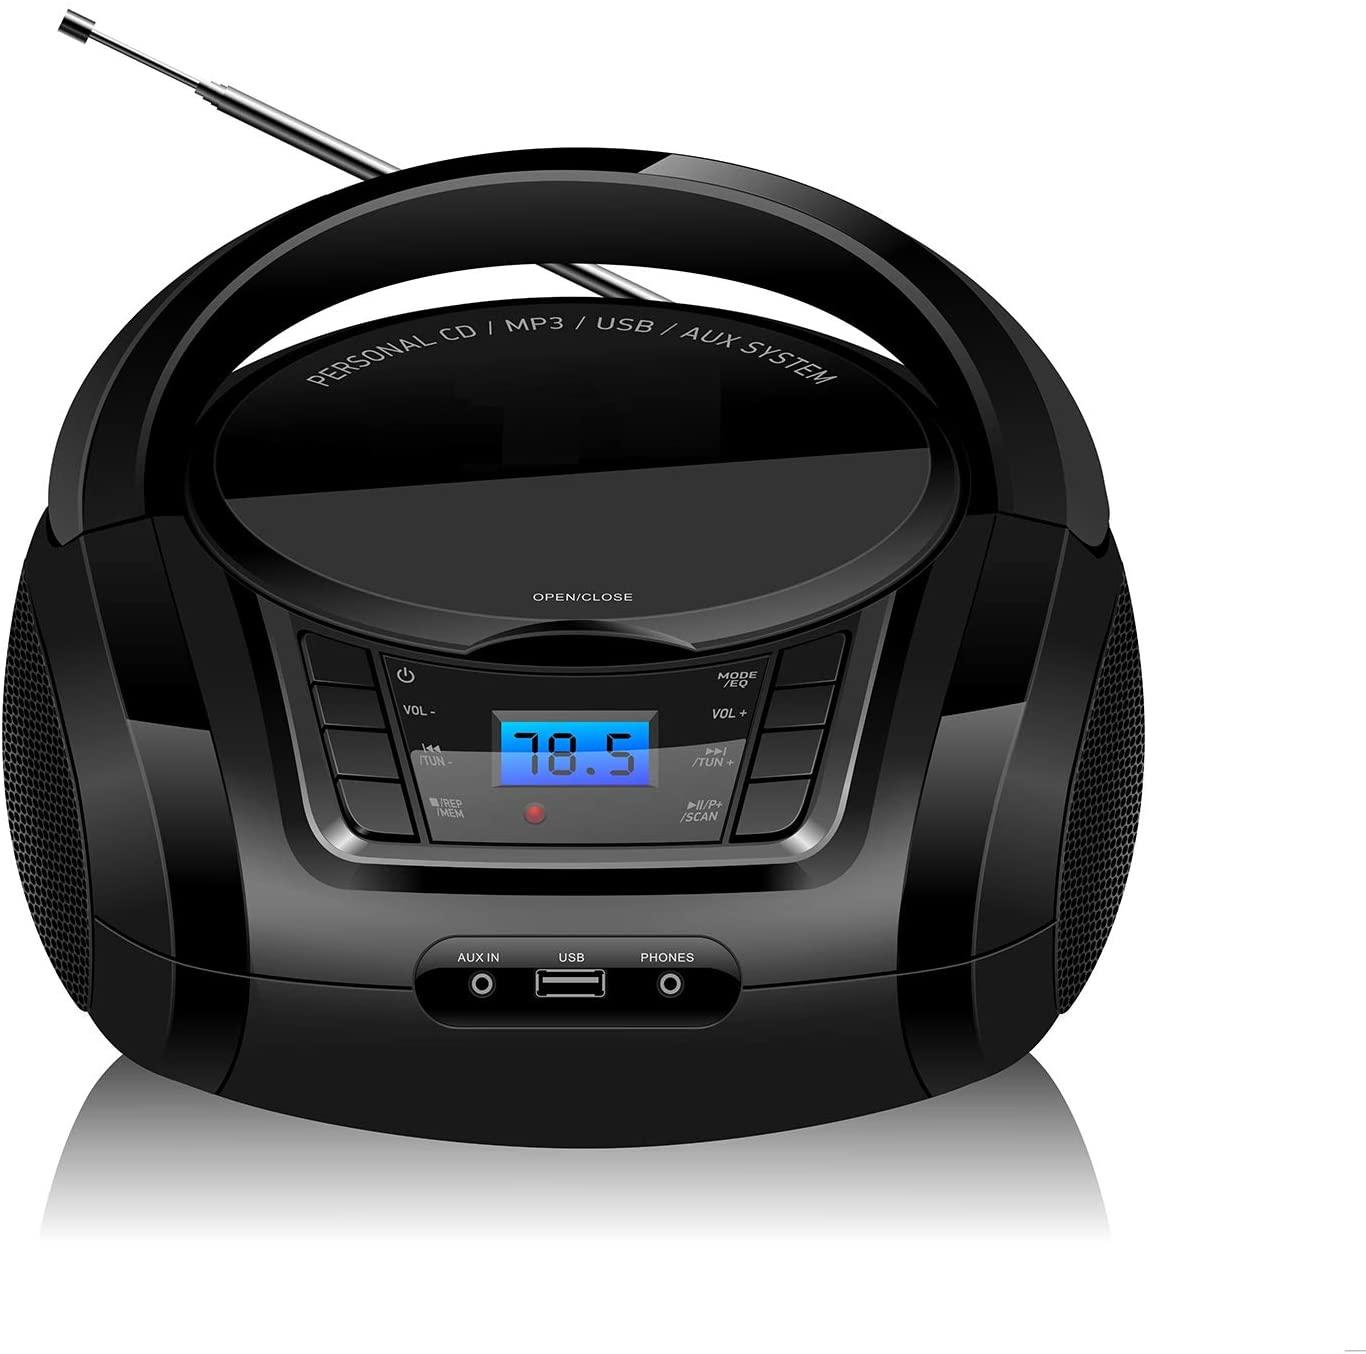 LONPOO Reproductor CD, Bluetooth Lectores de CD portátiles, con Altavoz HiFi, USB, Radio FM, Entrada AUX y Conector para Auriculares